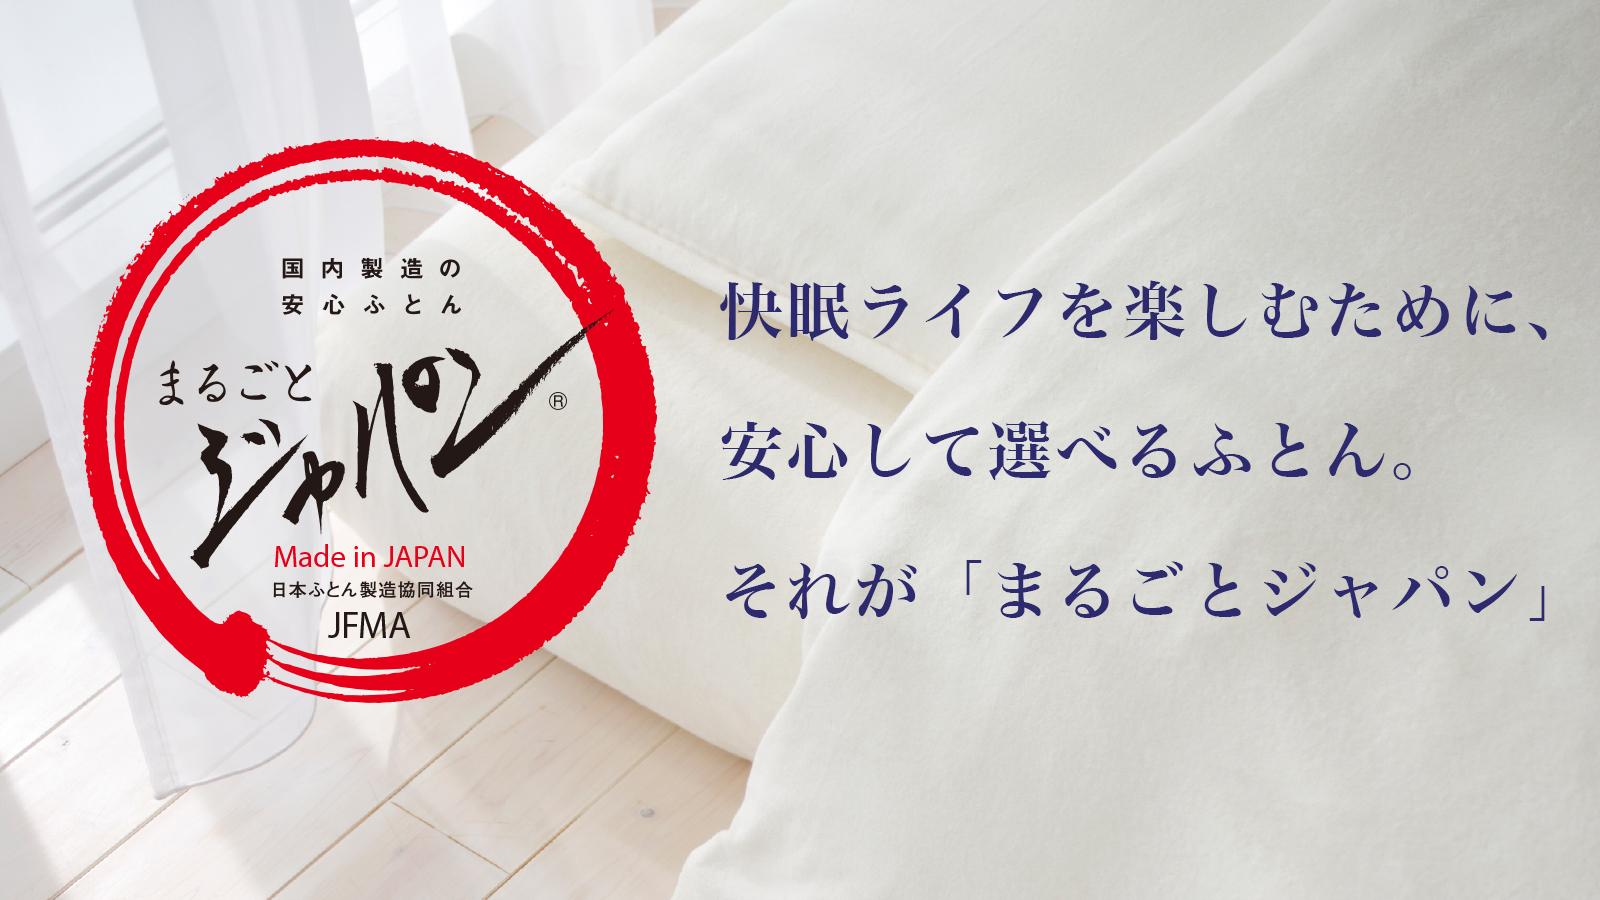 快眠ライフを楽しむために、安心して選べるふとん。それが「まるごとジャパン」。